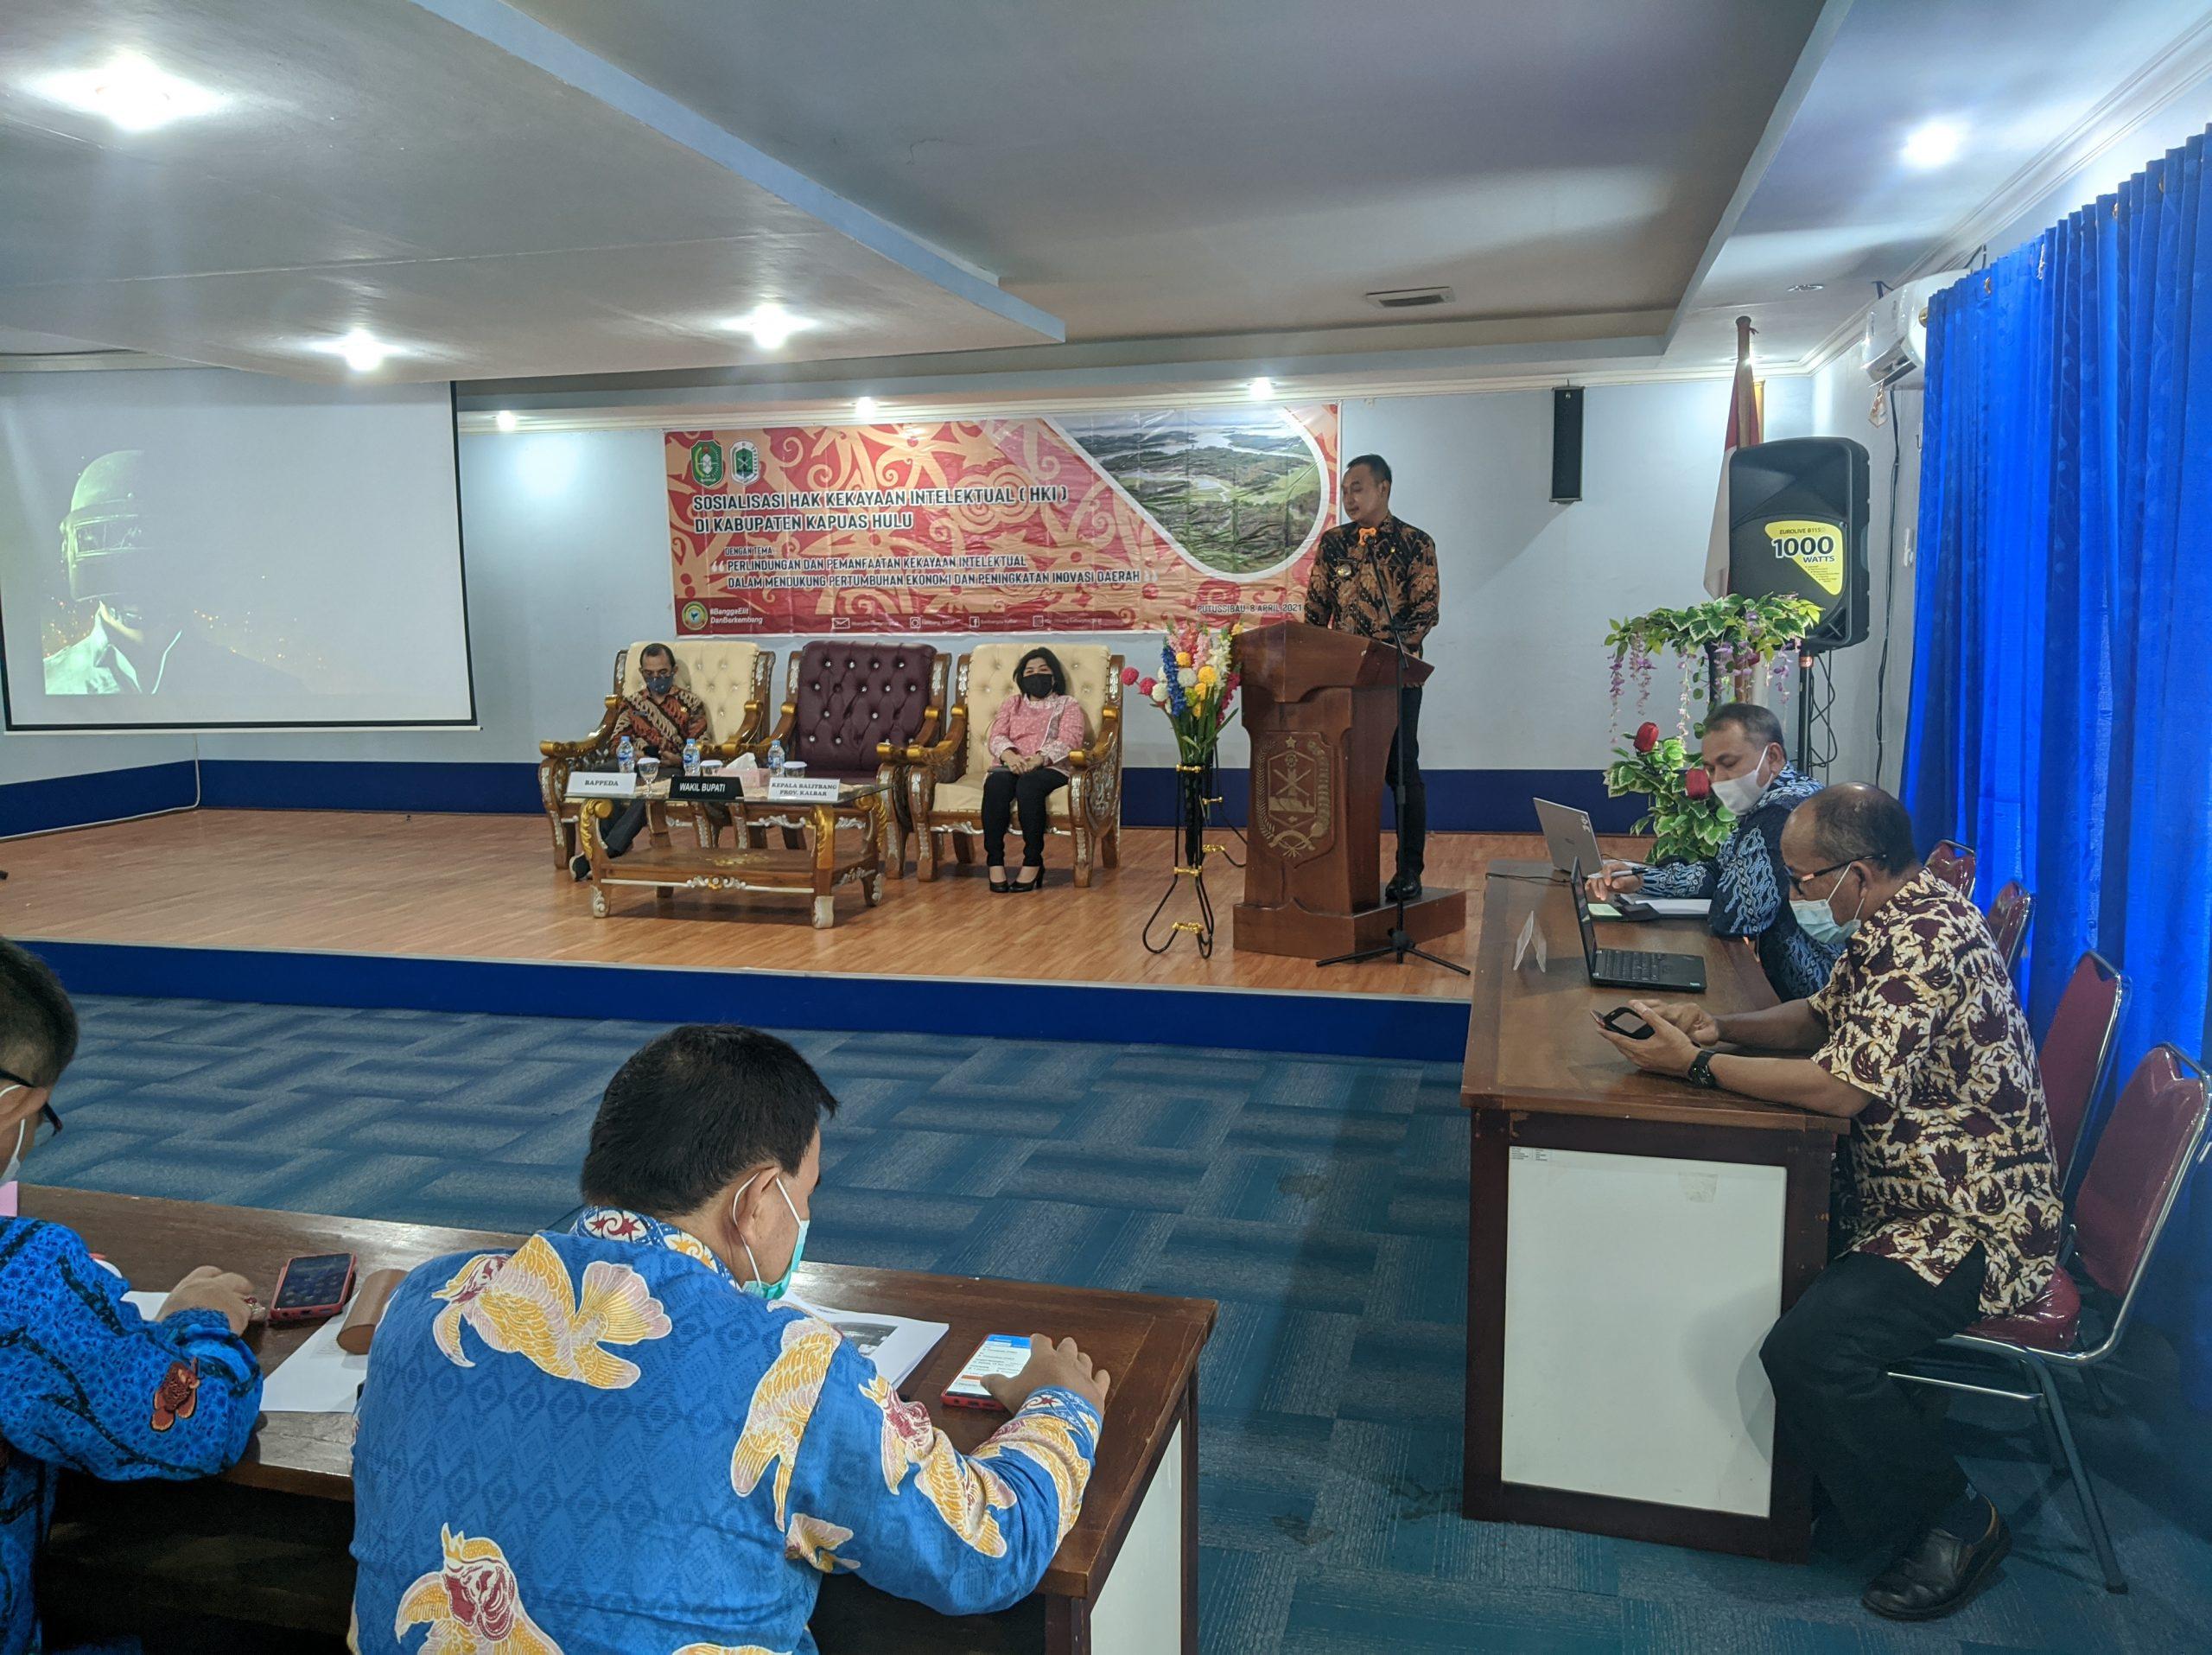 Sosialisasi Hak Kekayaan Intelektual (HKI) di Kabupaten Kapuas Hulu Bersama Badan Penelitian dan Pengembangan Provinsi Kalimantan Barat